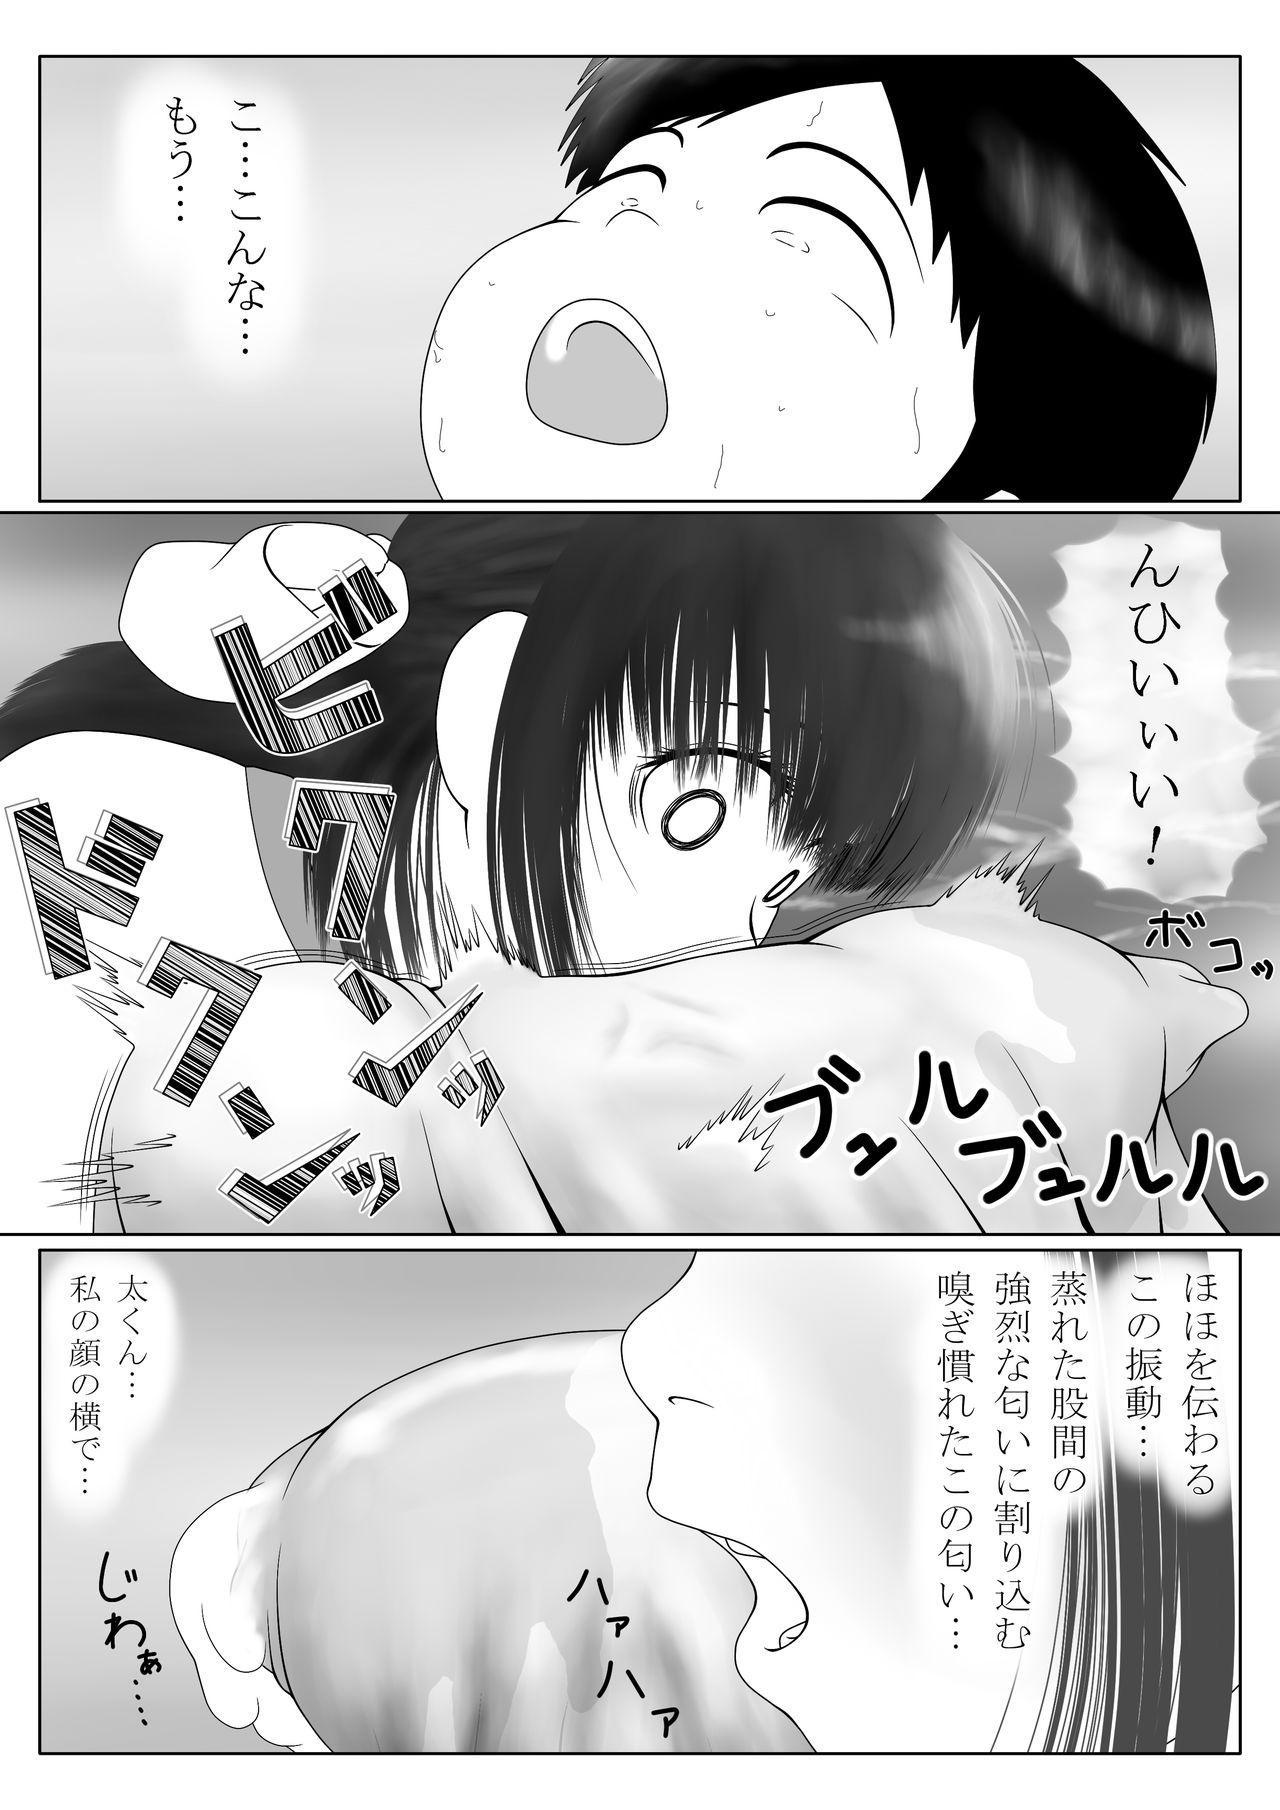 Hentai-tachi no Seishun 13